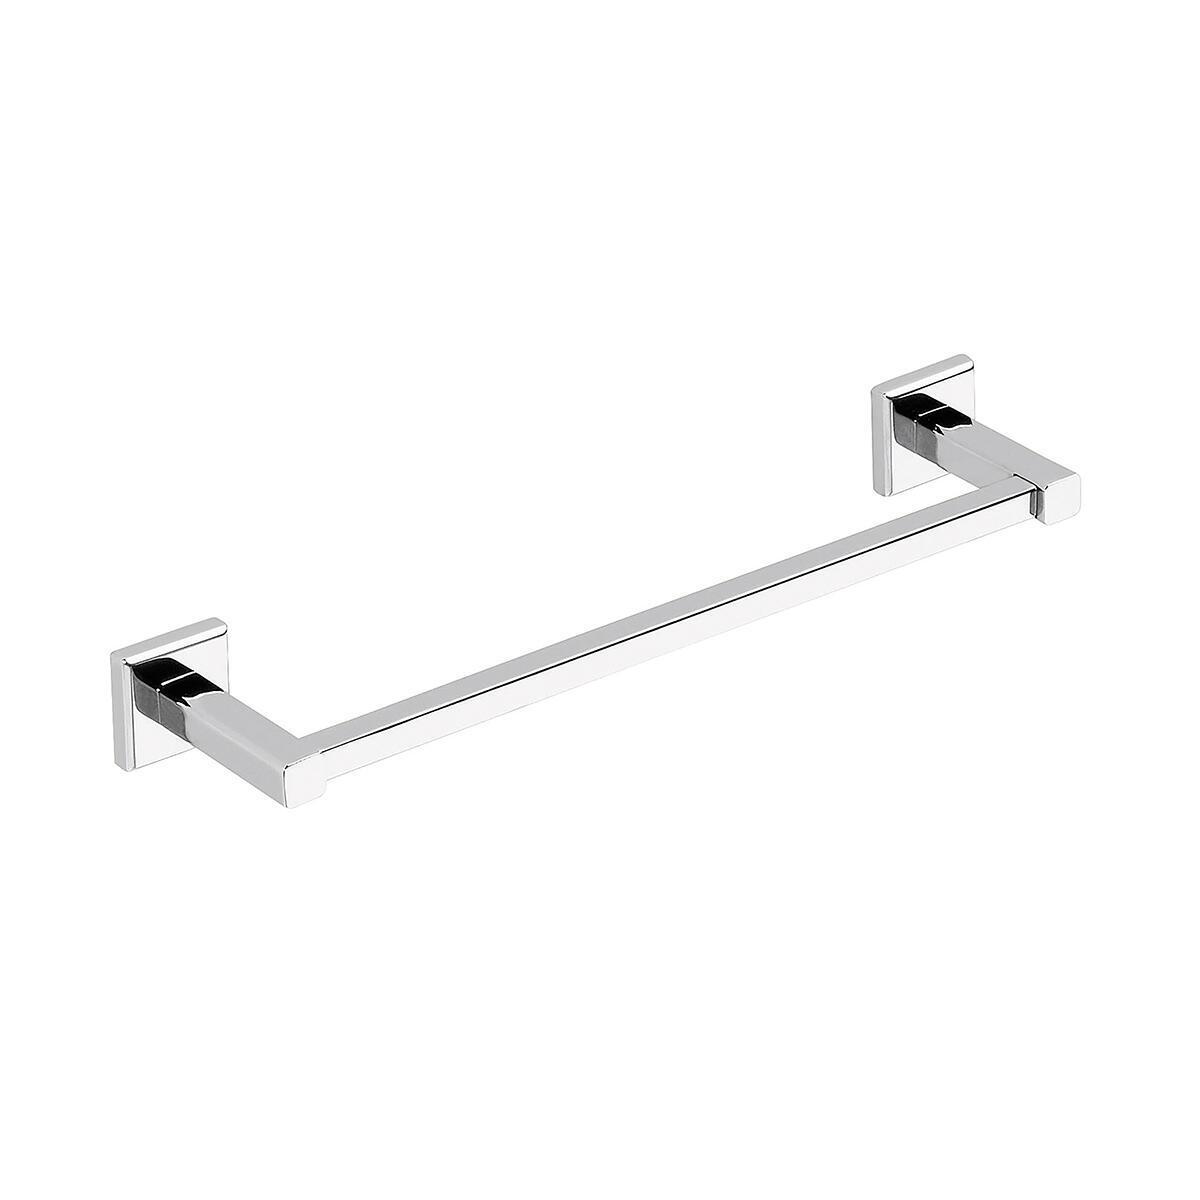 Porta salviette fisso a muro 1 barra argento L 35 cm